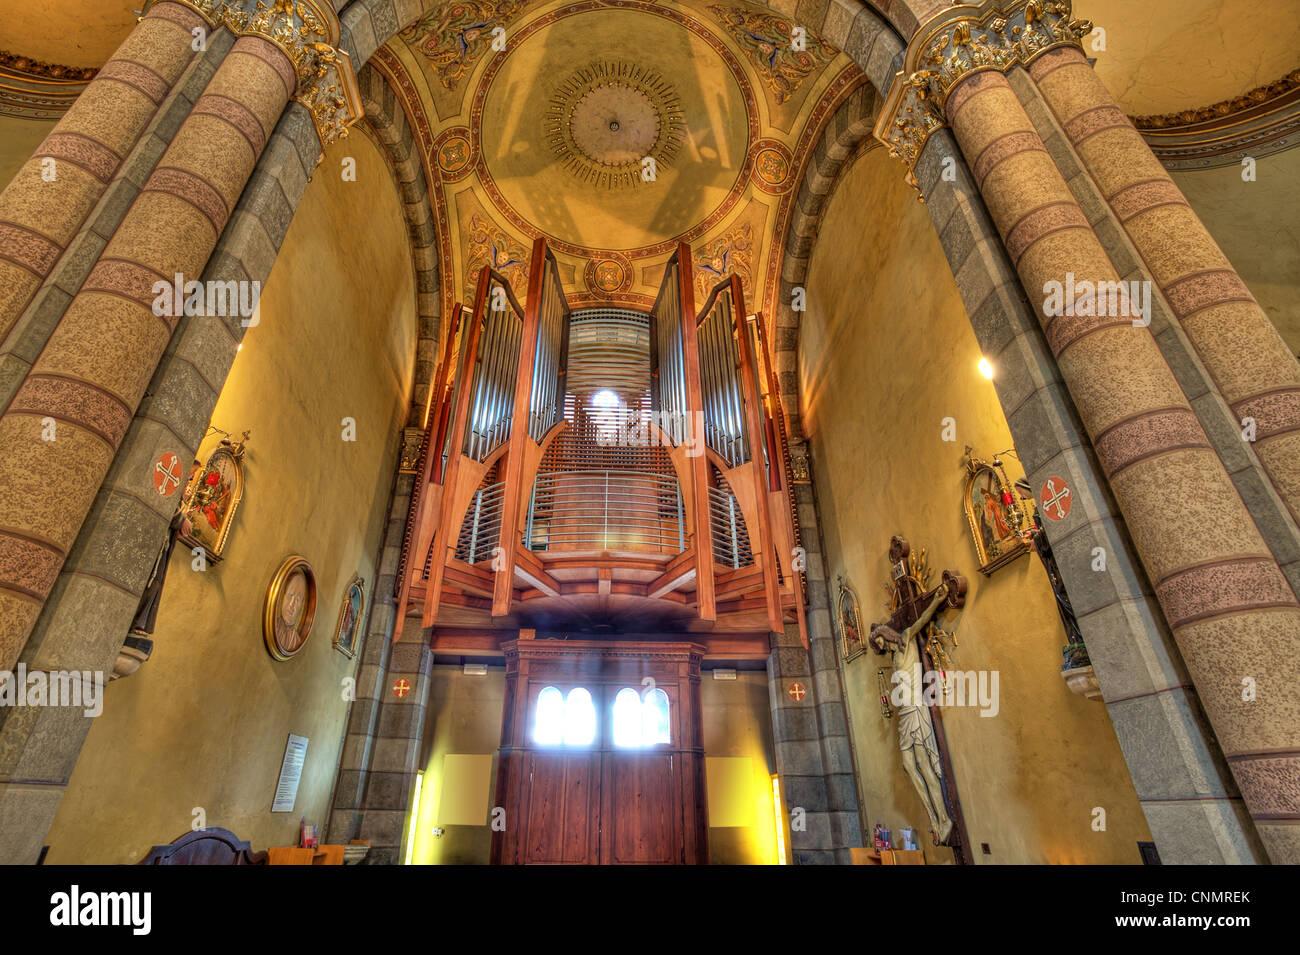 Ver el órgano de tubos dentro de Madonna Moretta iglesia católica en Alba, al norte de Italia. Imagen De Stock